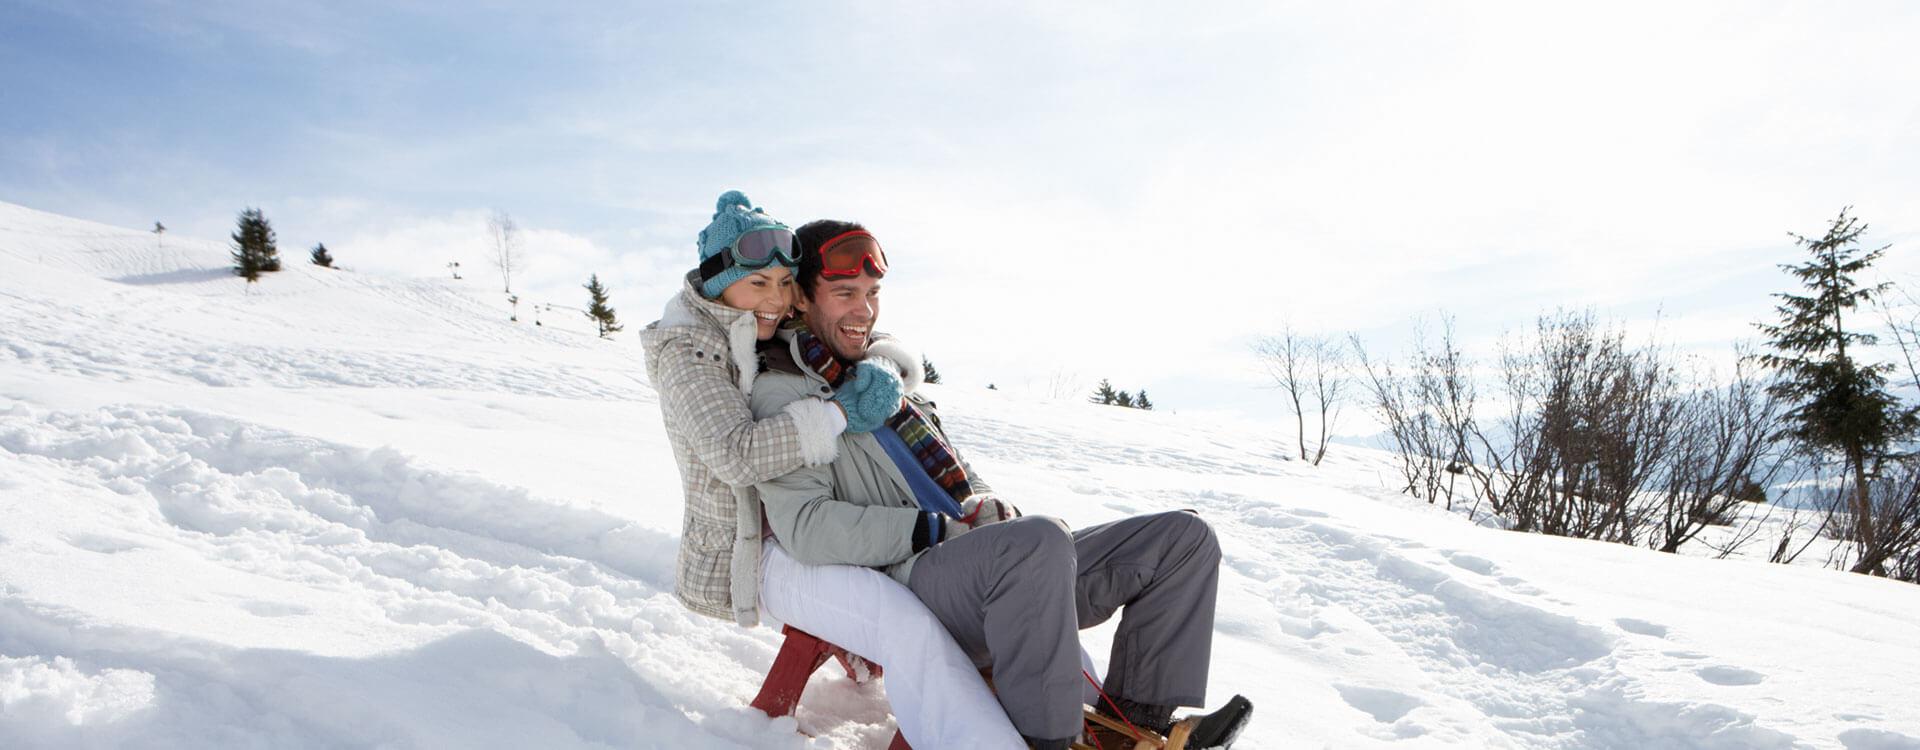 Activités neige - Hôtel 3 étoiles à La Plagne